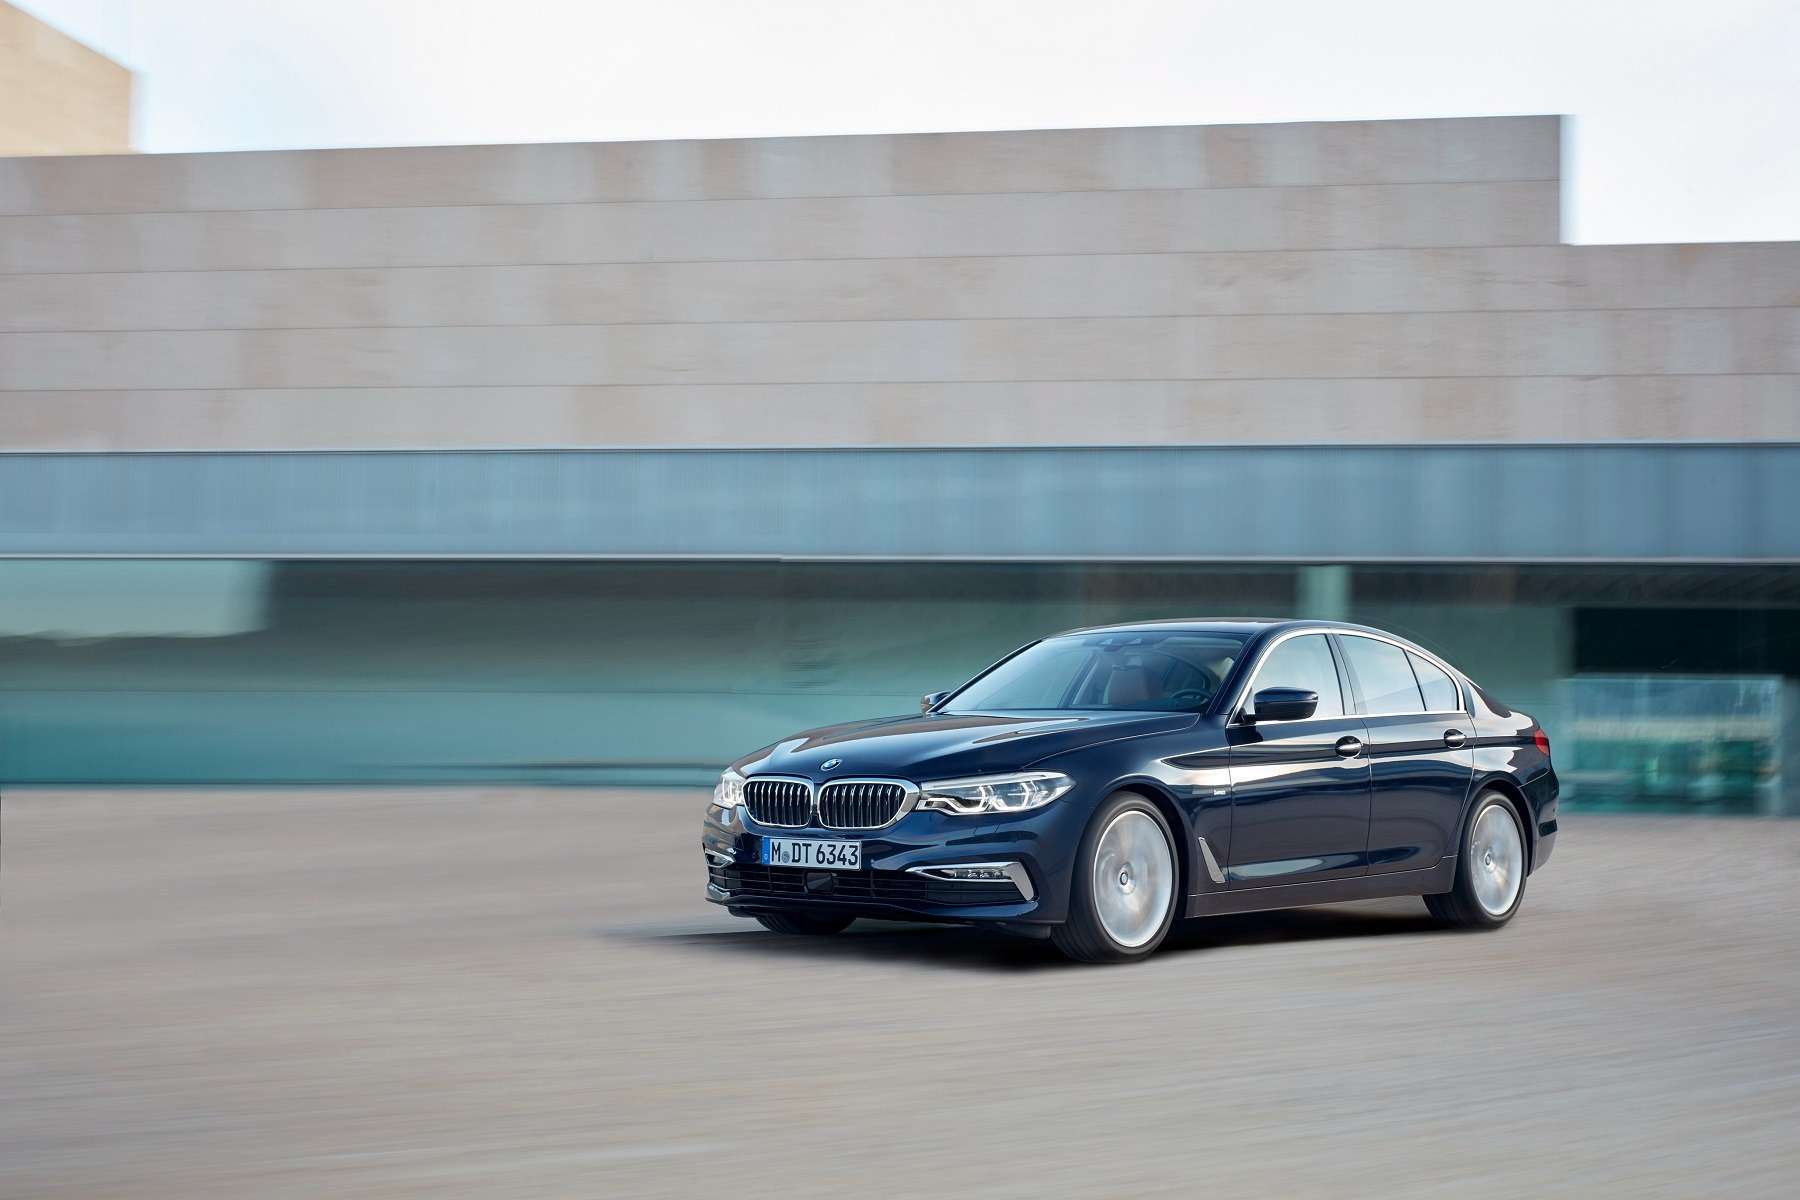 Головоломка по-баварски: BMW представила новый седан 5-й серии— фото 648256